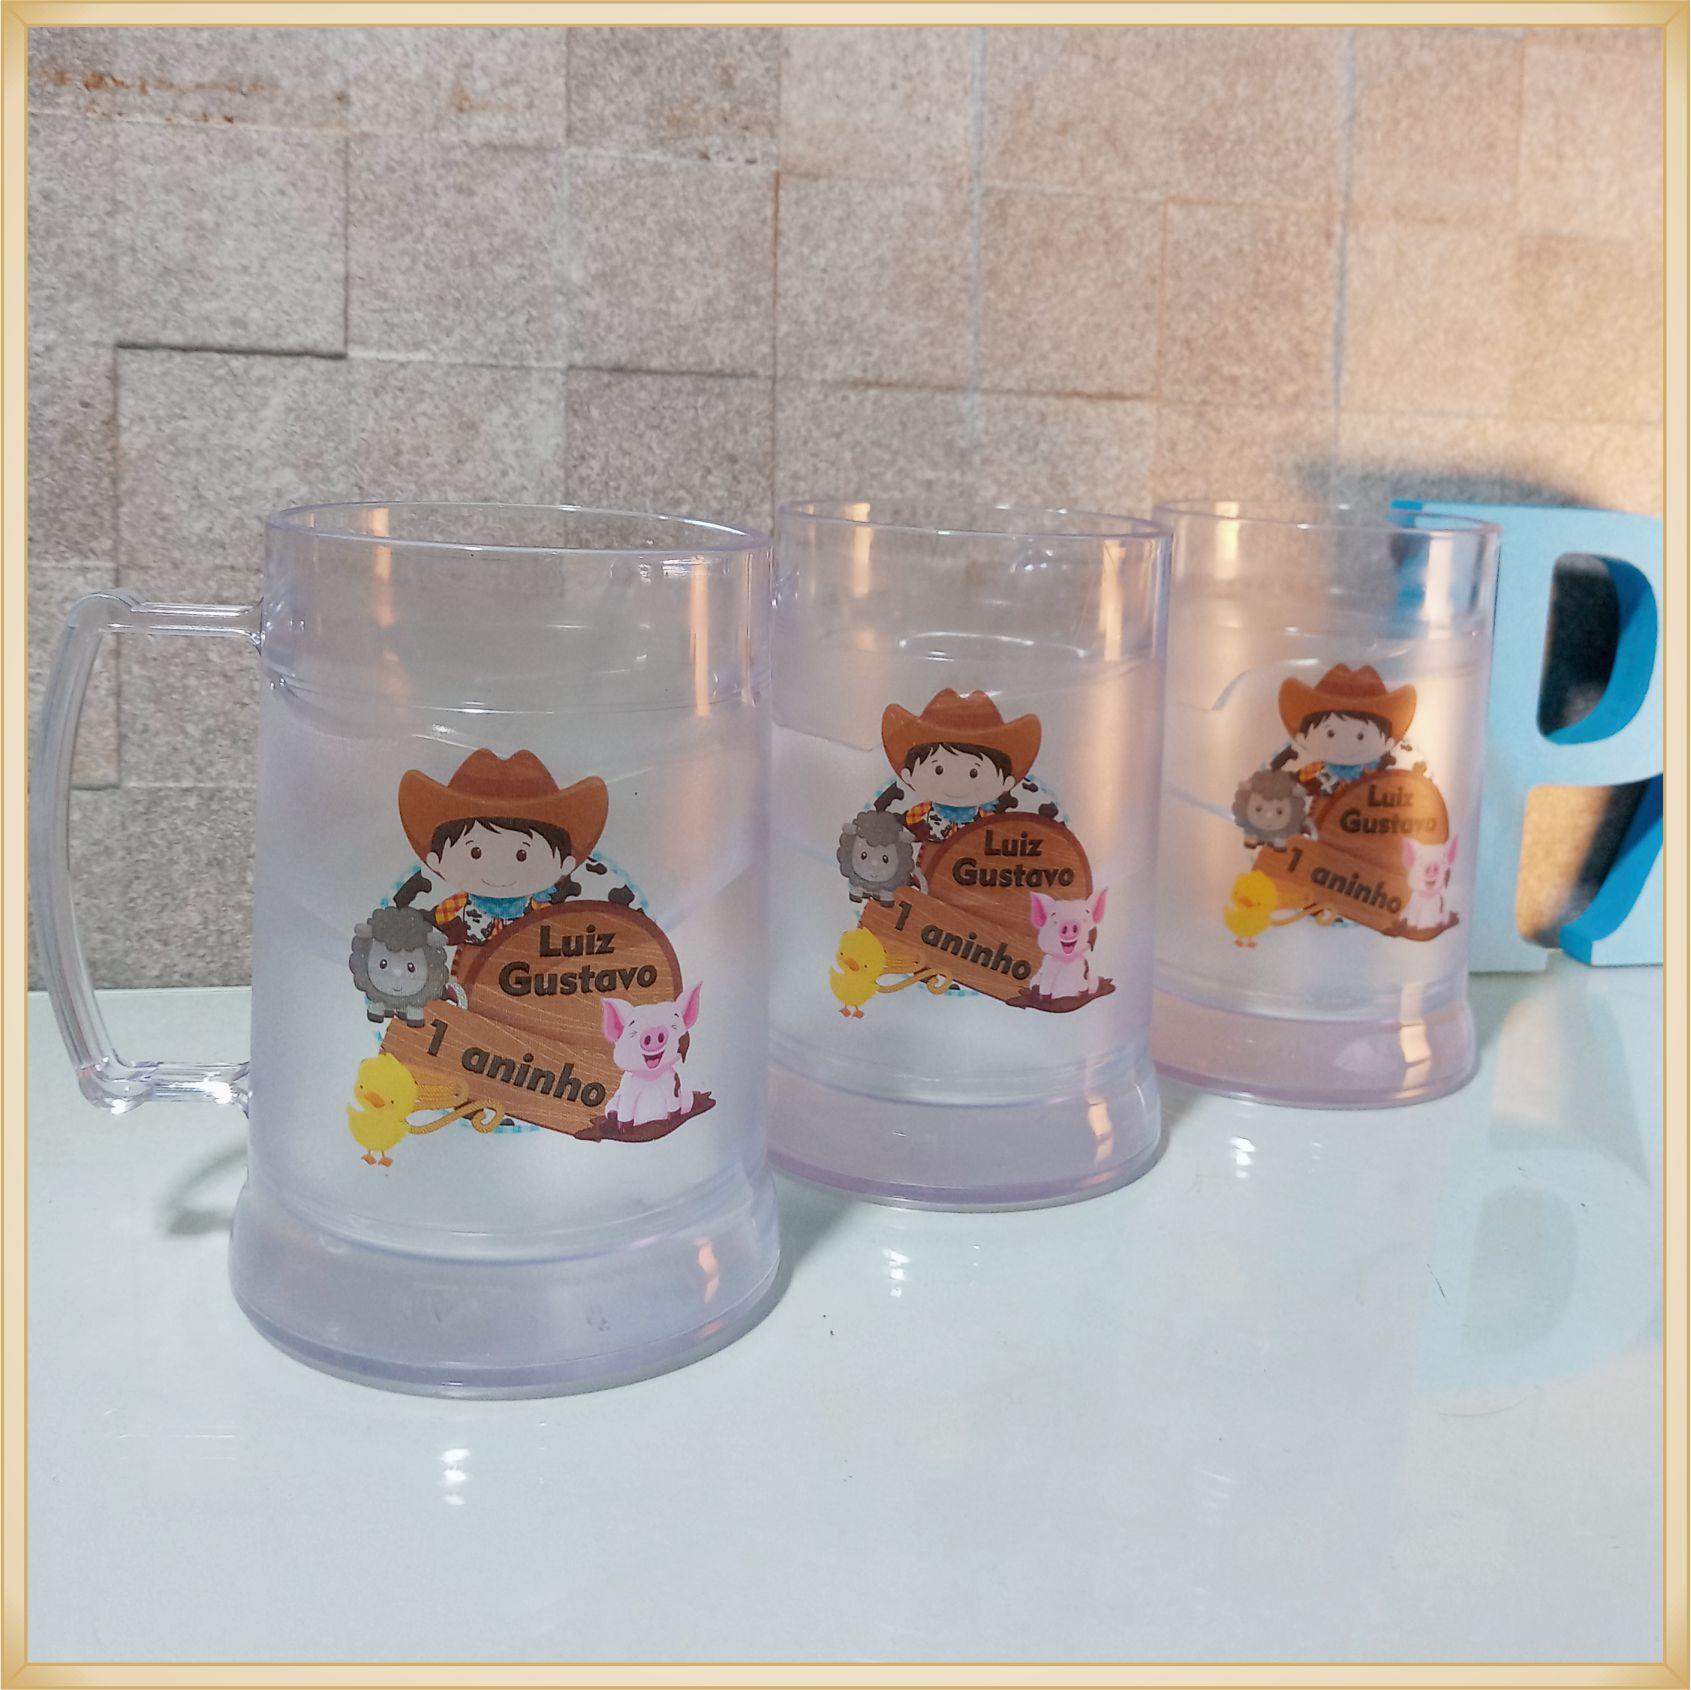 Canecas de gel personalizadas - acrílico qualidade, ótimo acabamento, sistema de congelamento, parede dupla, 300 ml. - kit 20 unidades